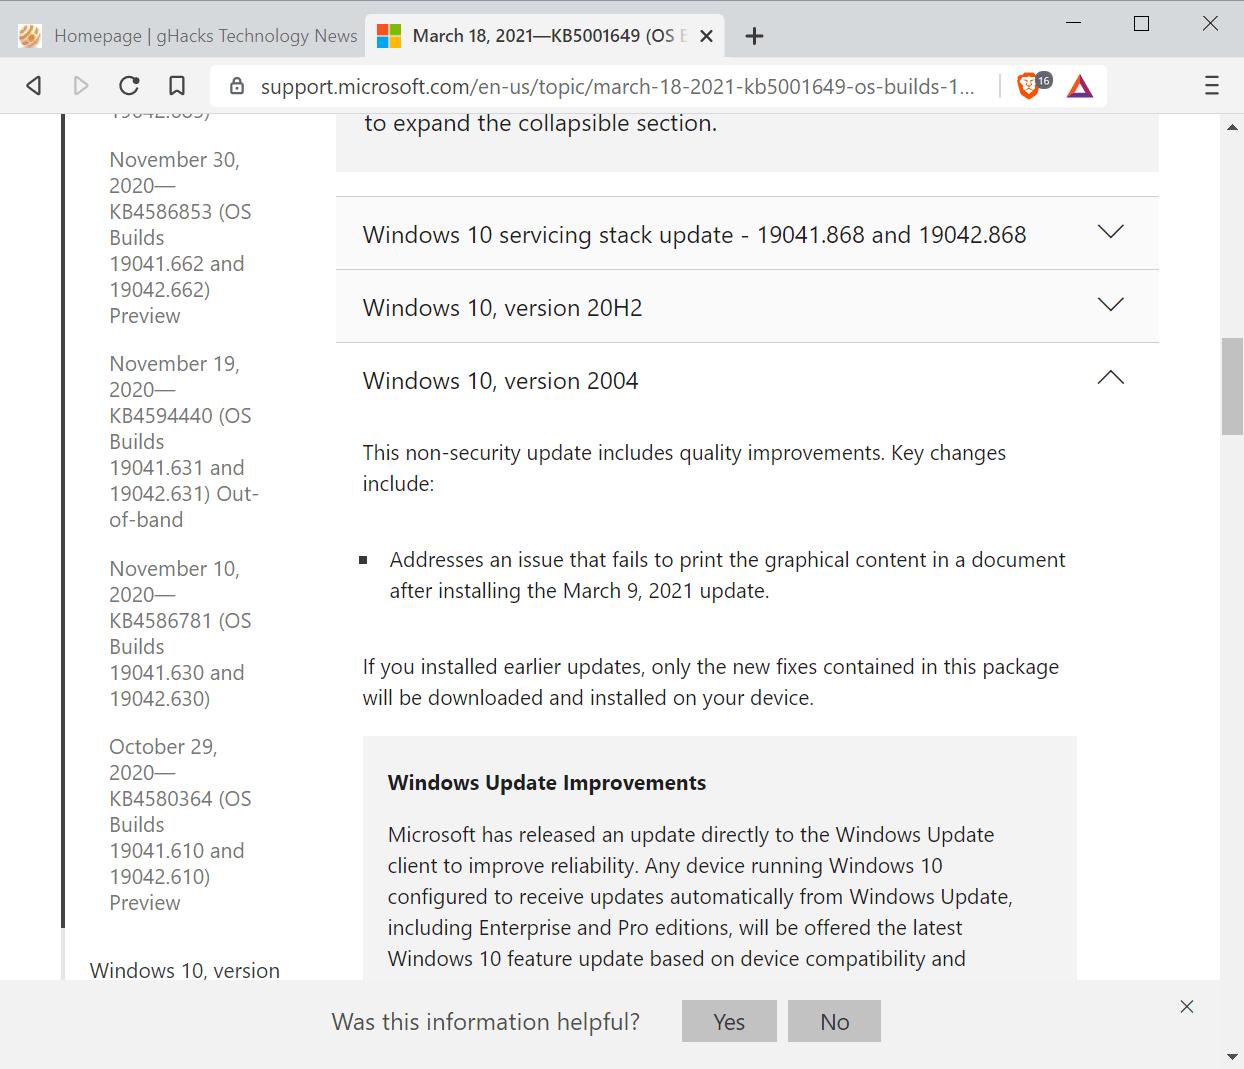 actualización opcional de reparación de impresión de Windows 10